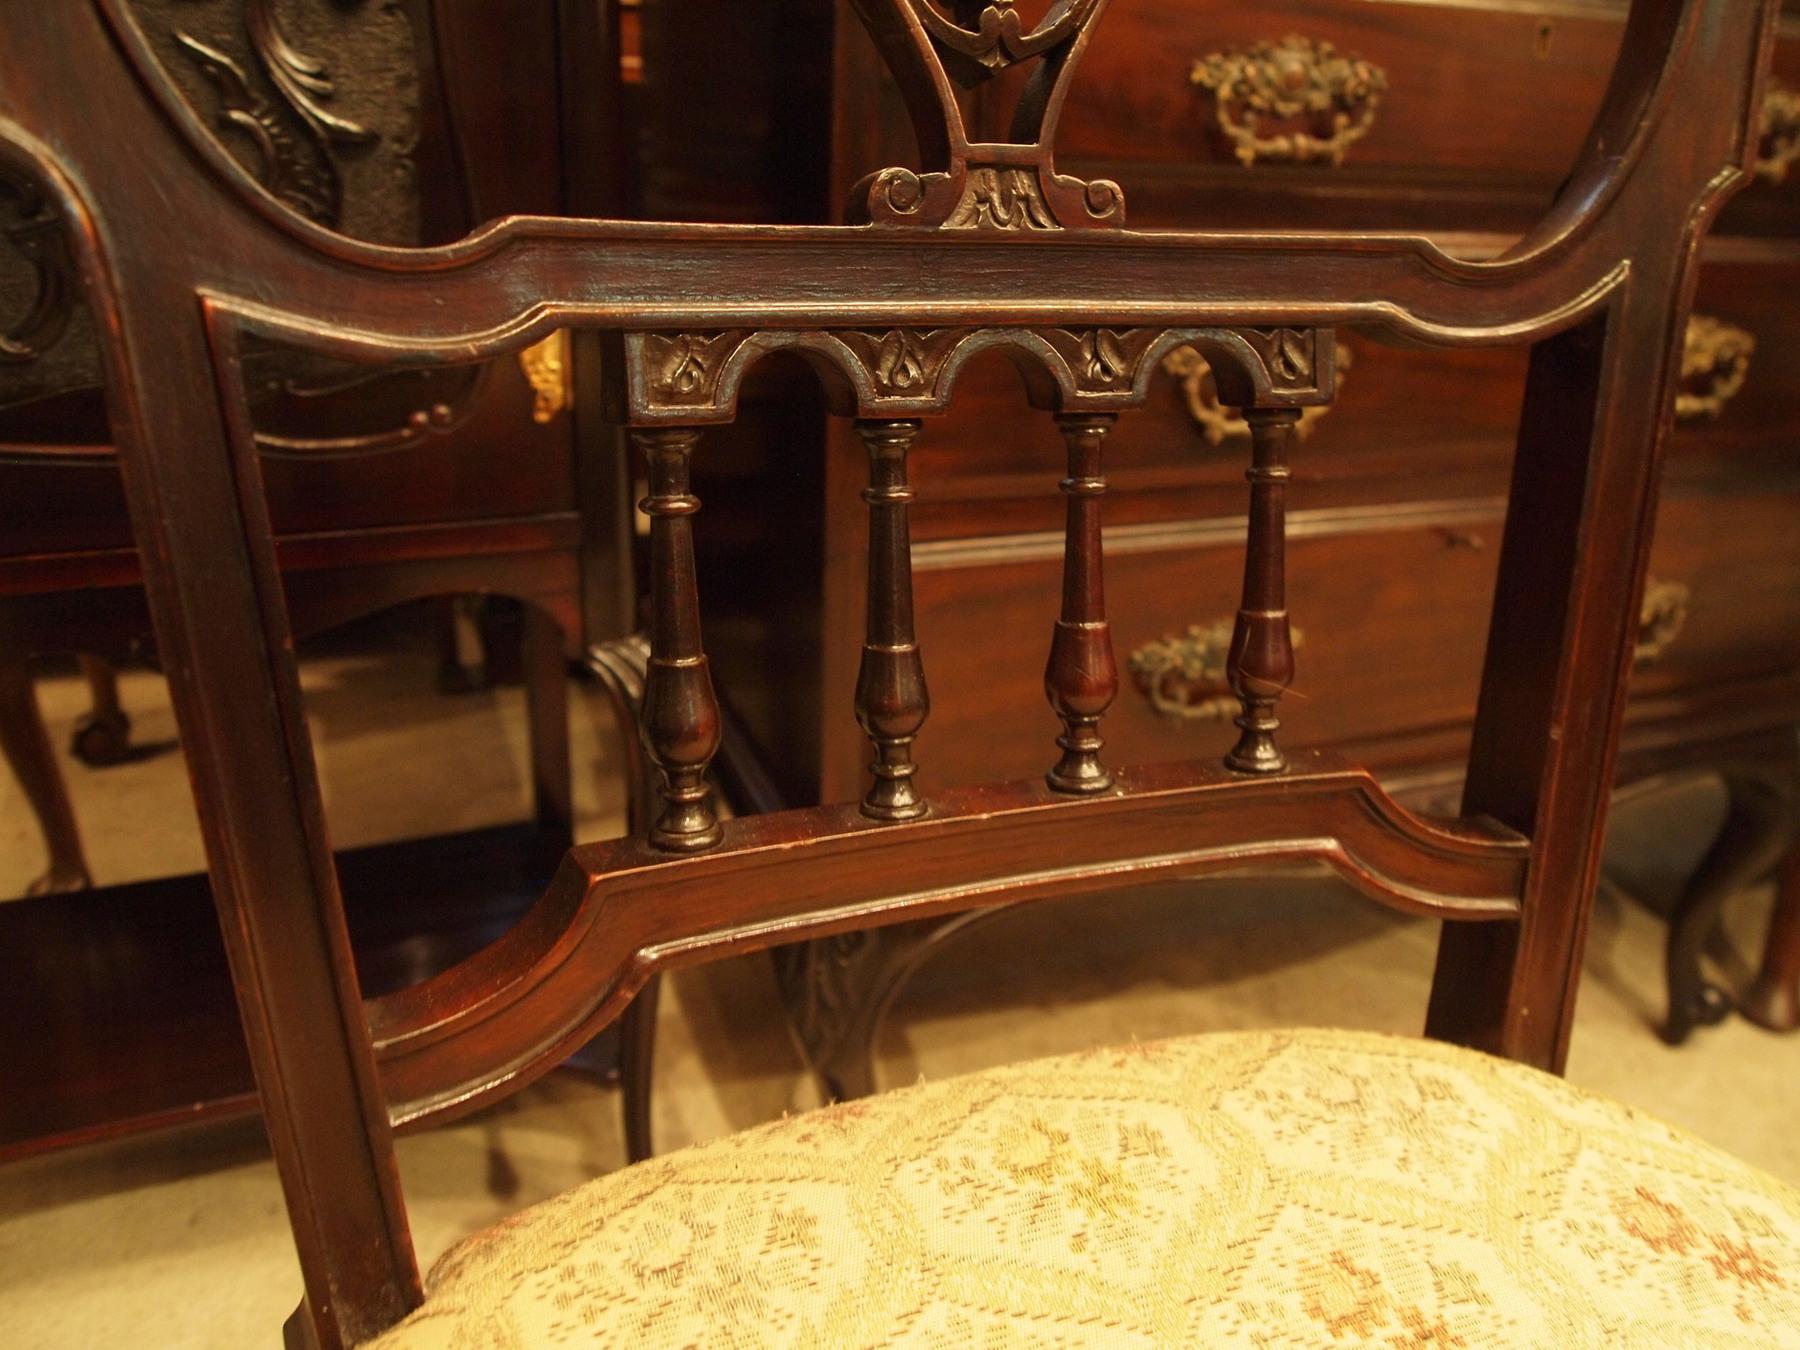 chair181221b_08.JPG